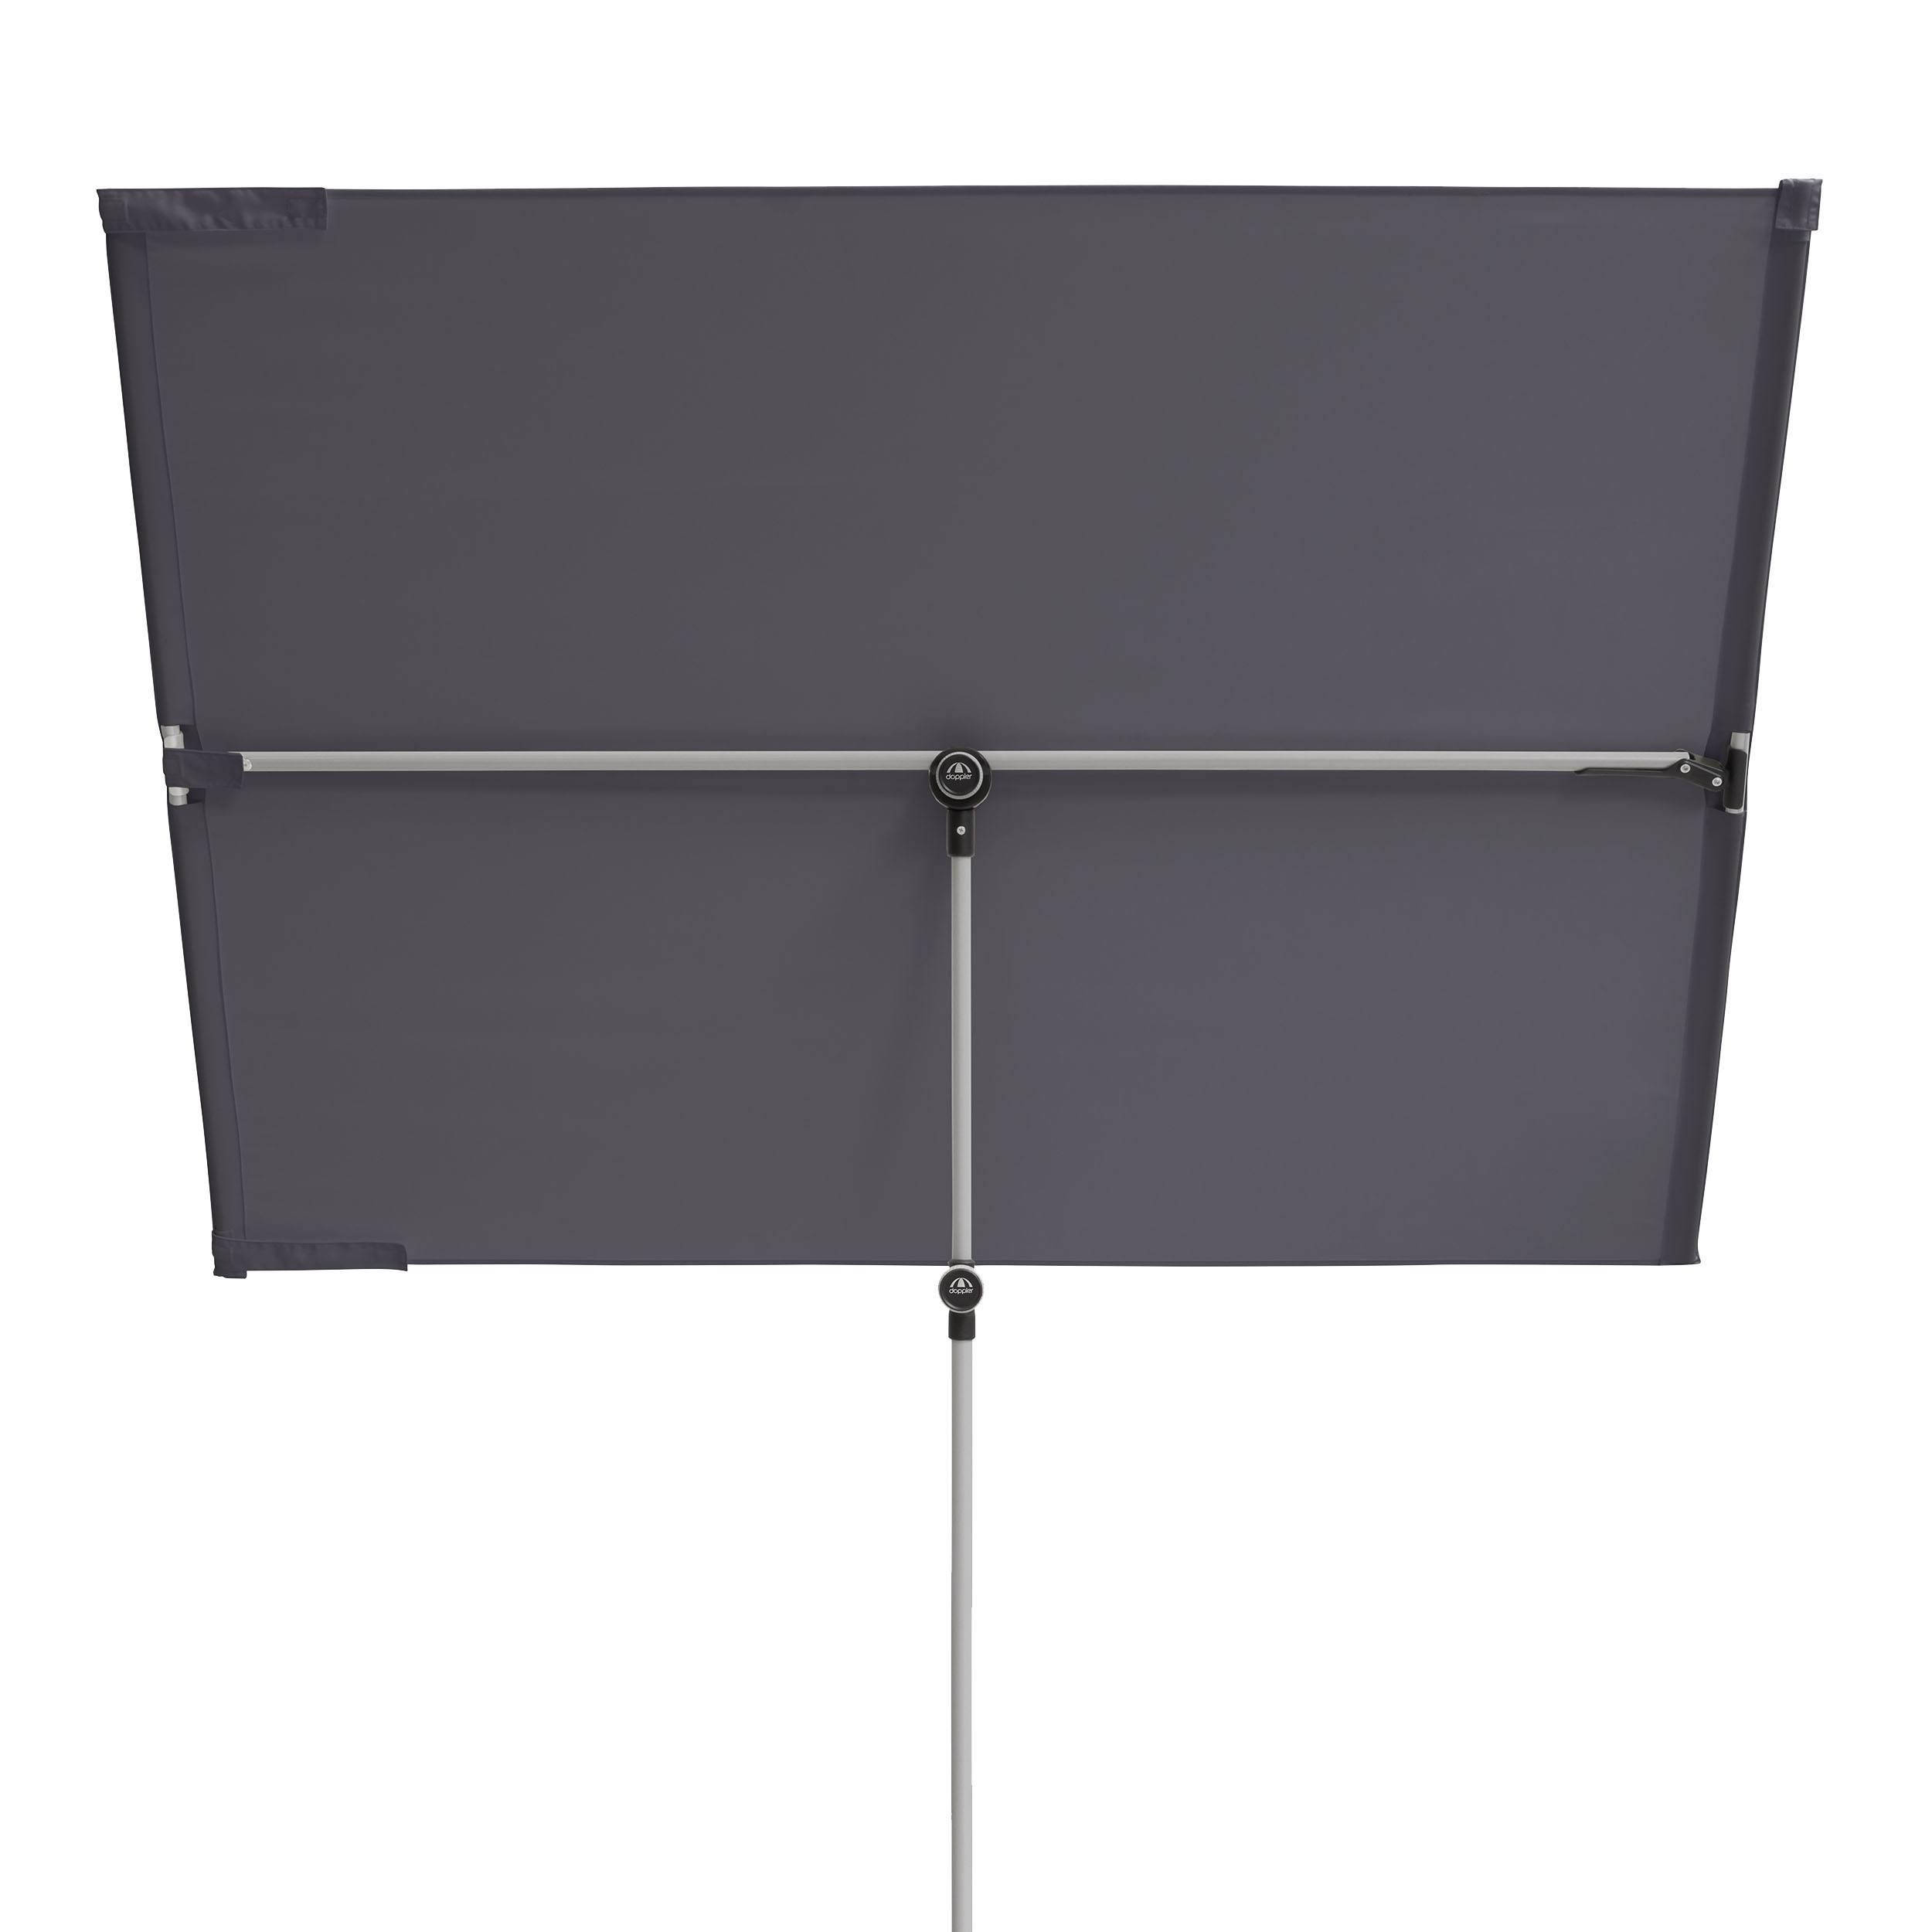 Active Balkonblende Sicht- und Sonnenschutz ohne Schirmständer